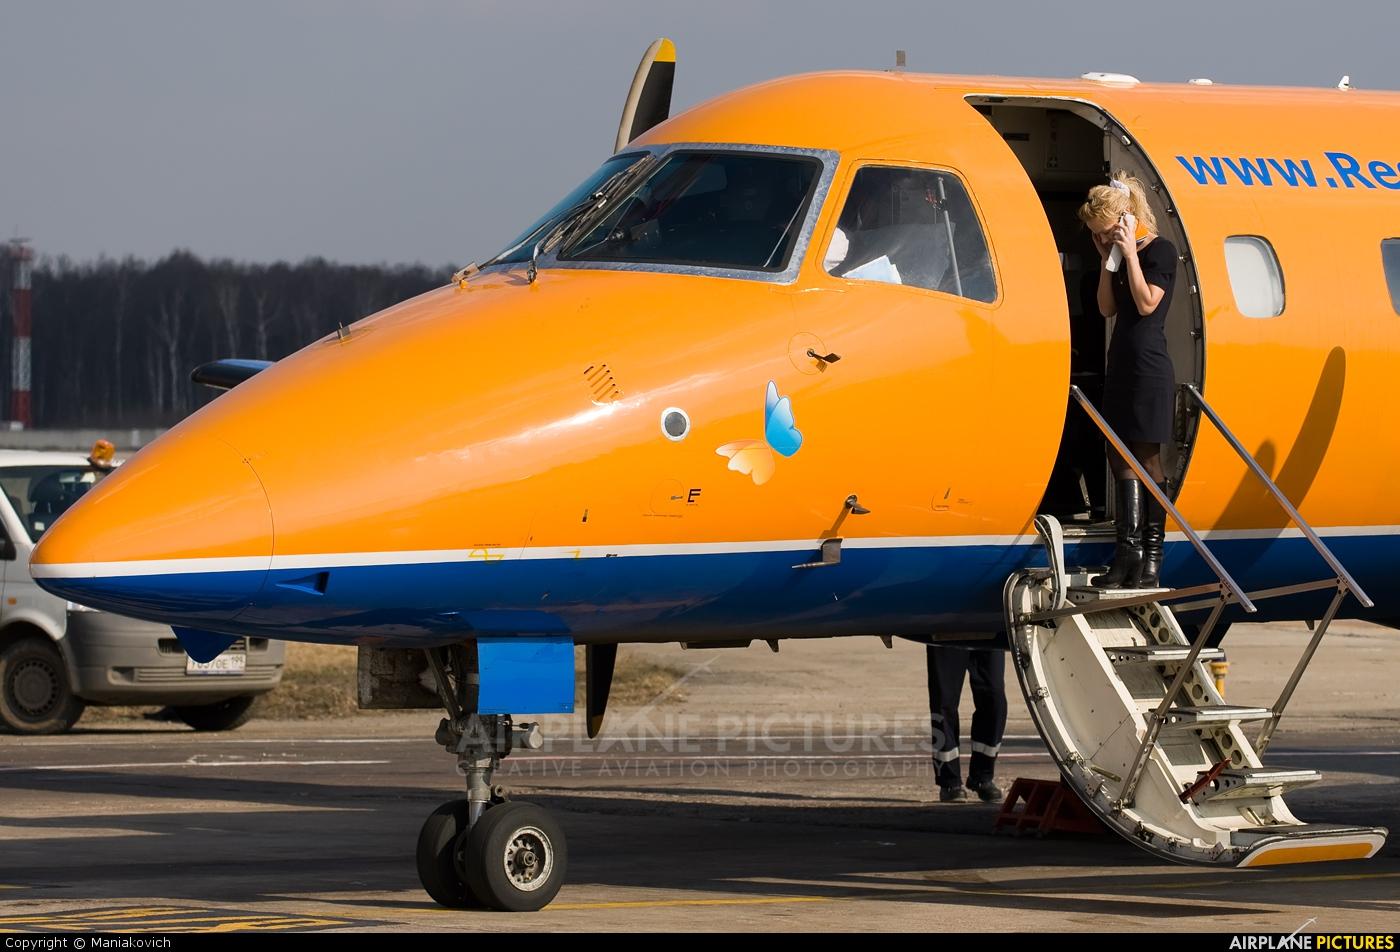 RegionAvia VQ-BBX aircraft at Moscow - Domodedovo